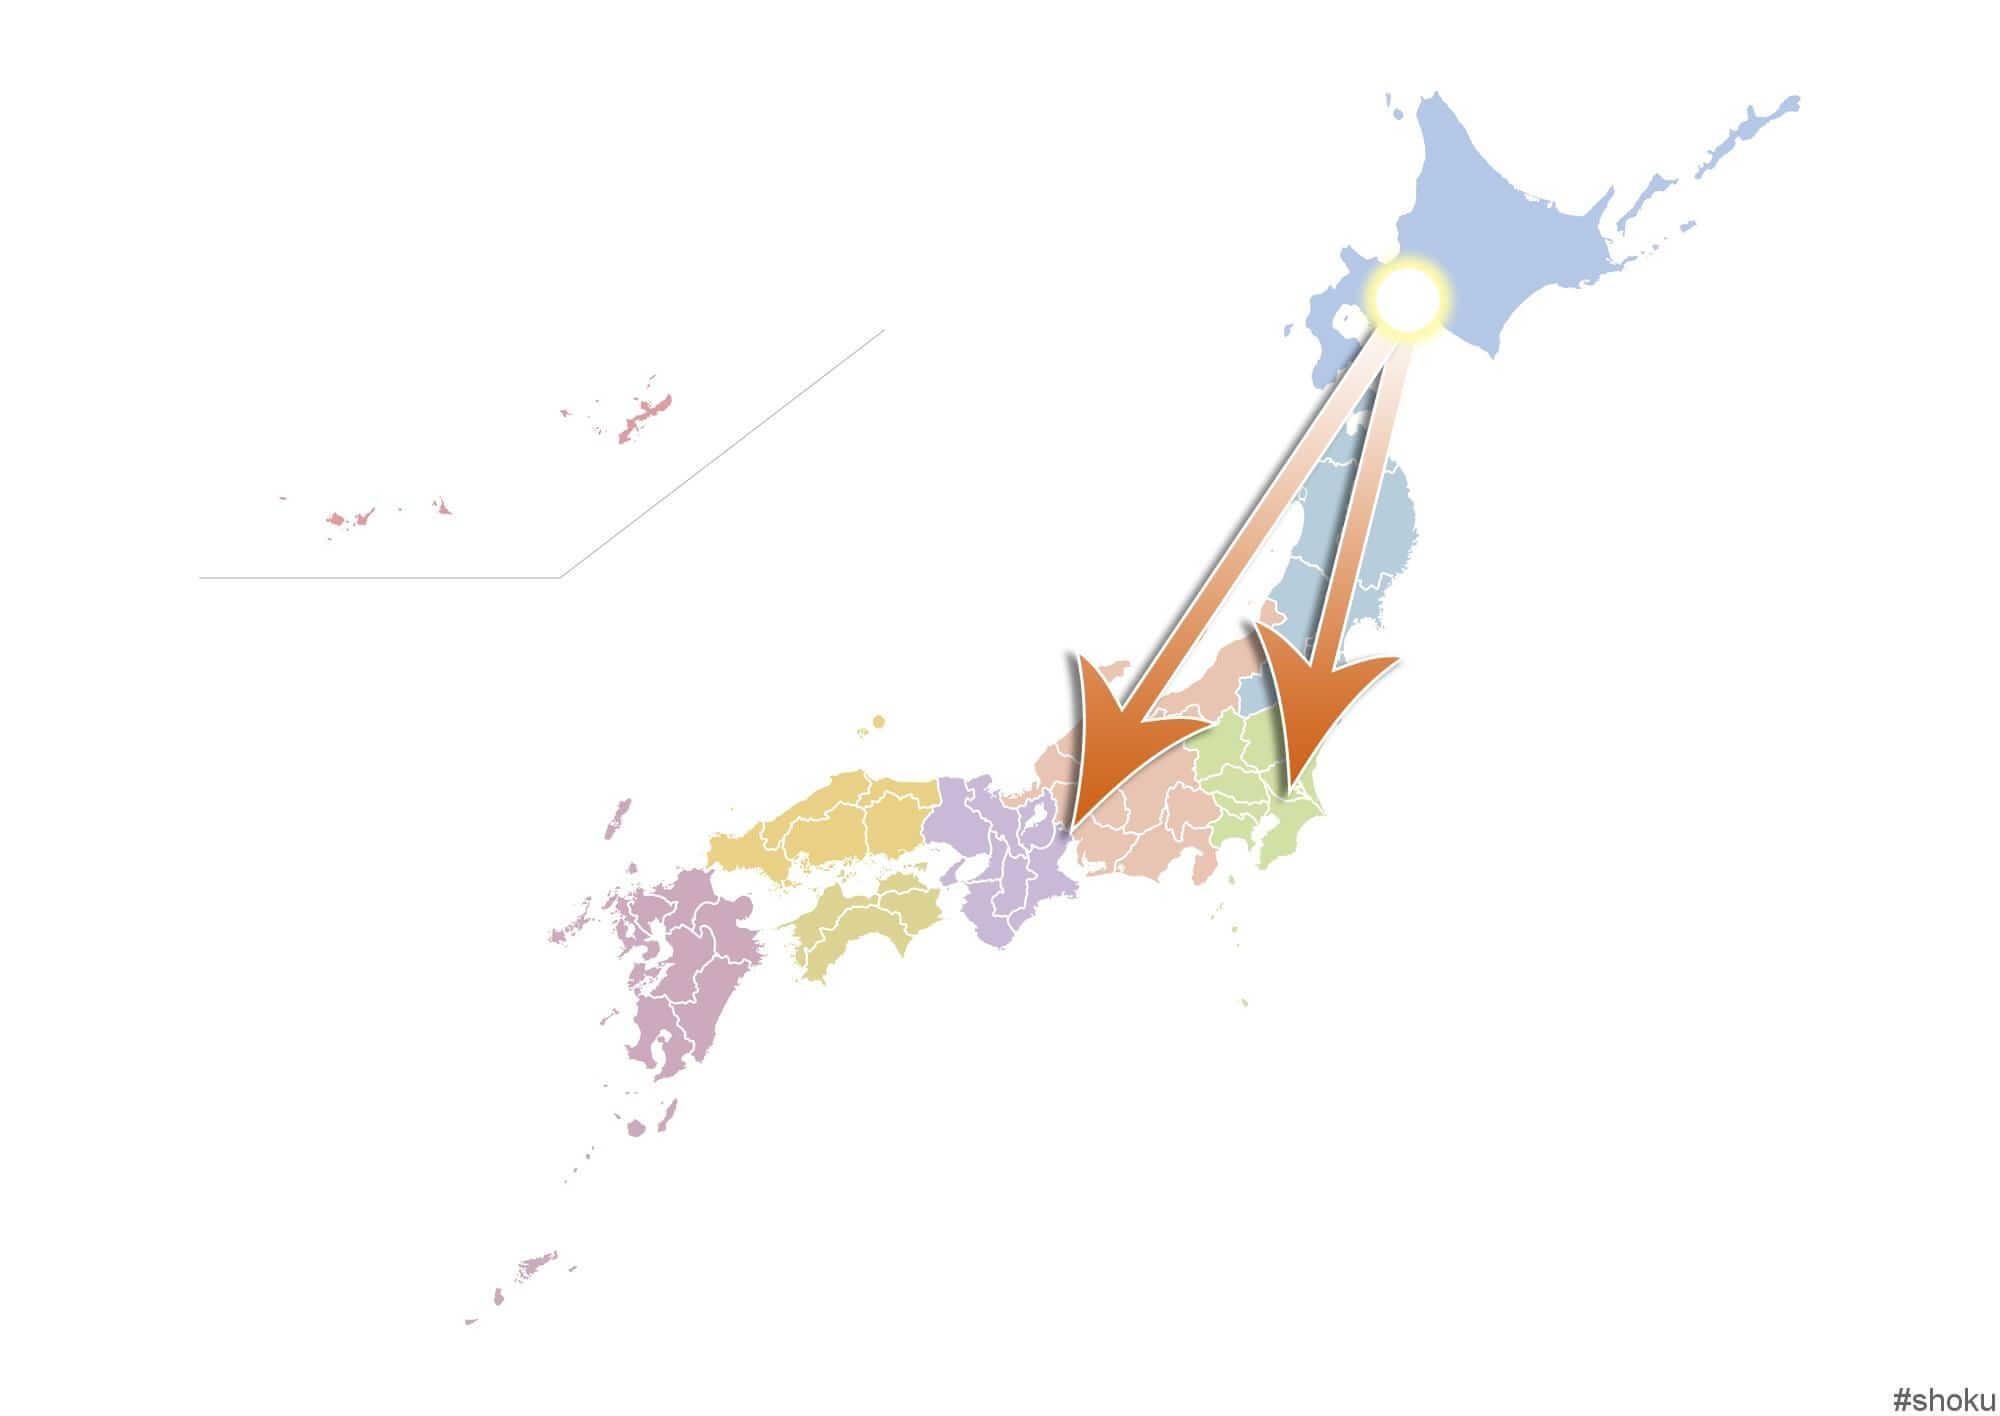 札幌⇒道外に転職するなら登録したい転職エージェント3選